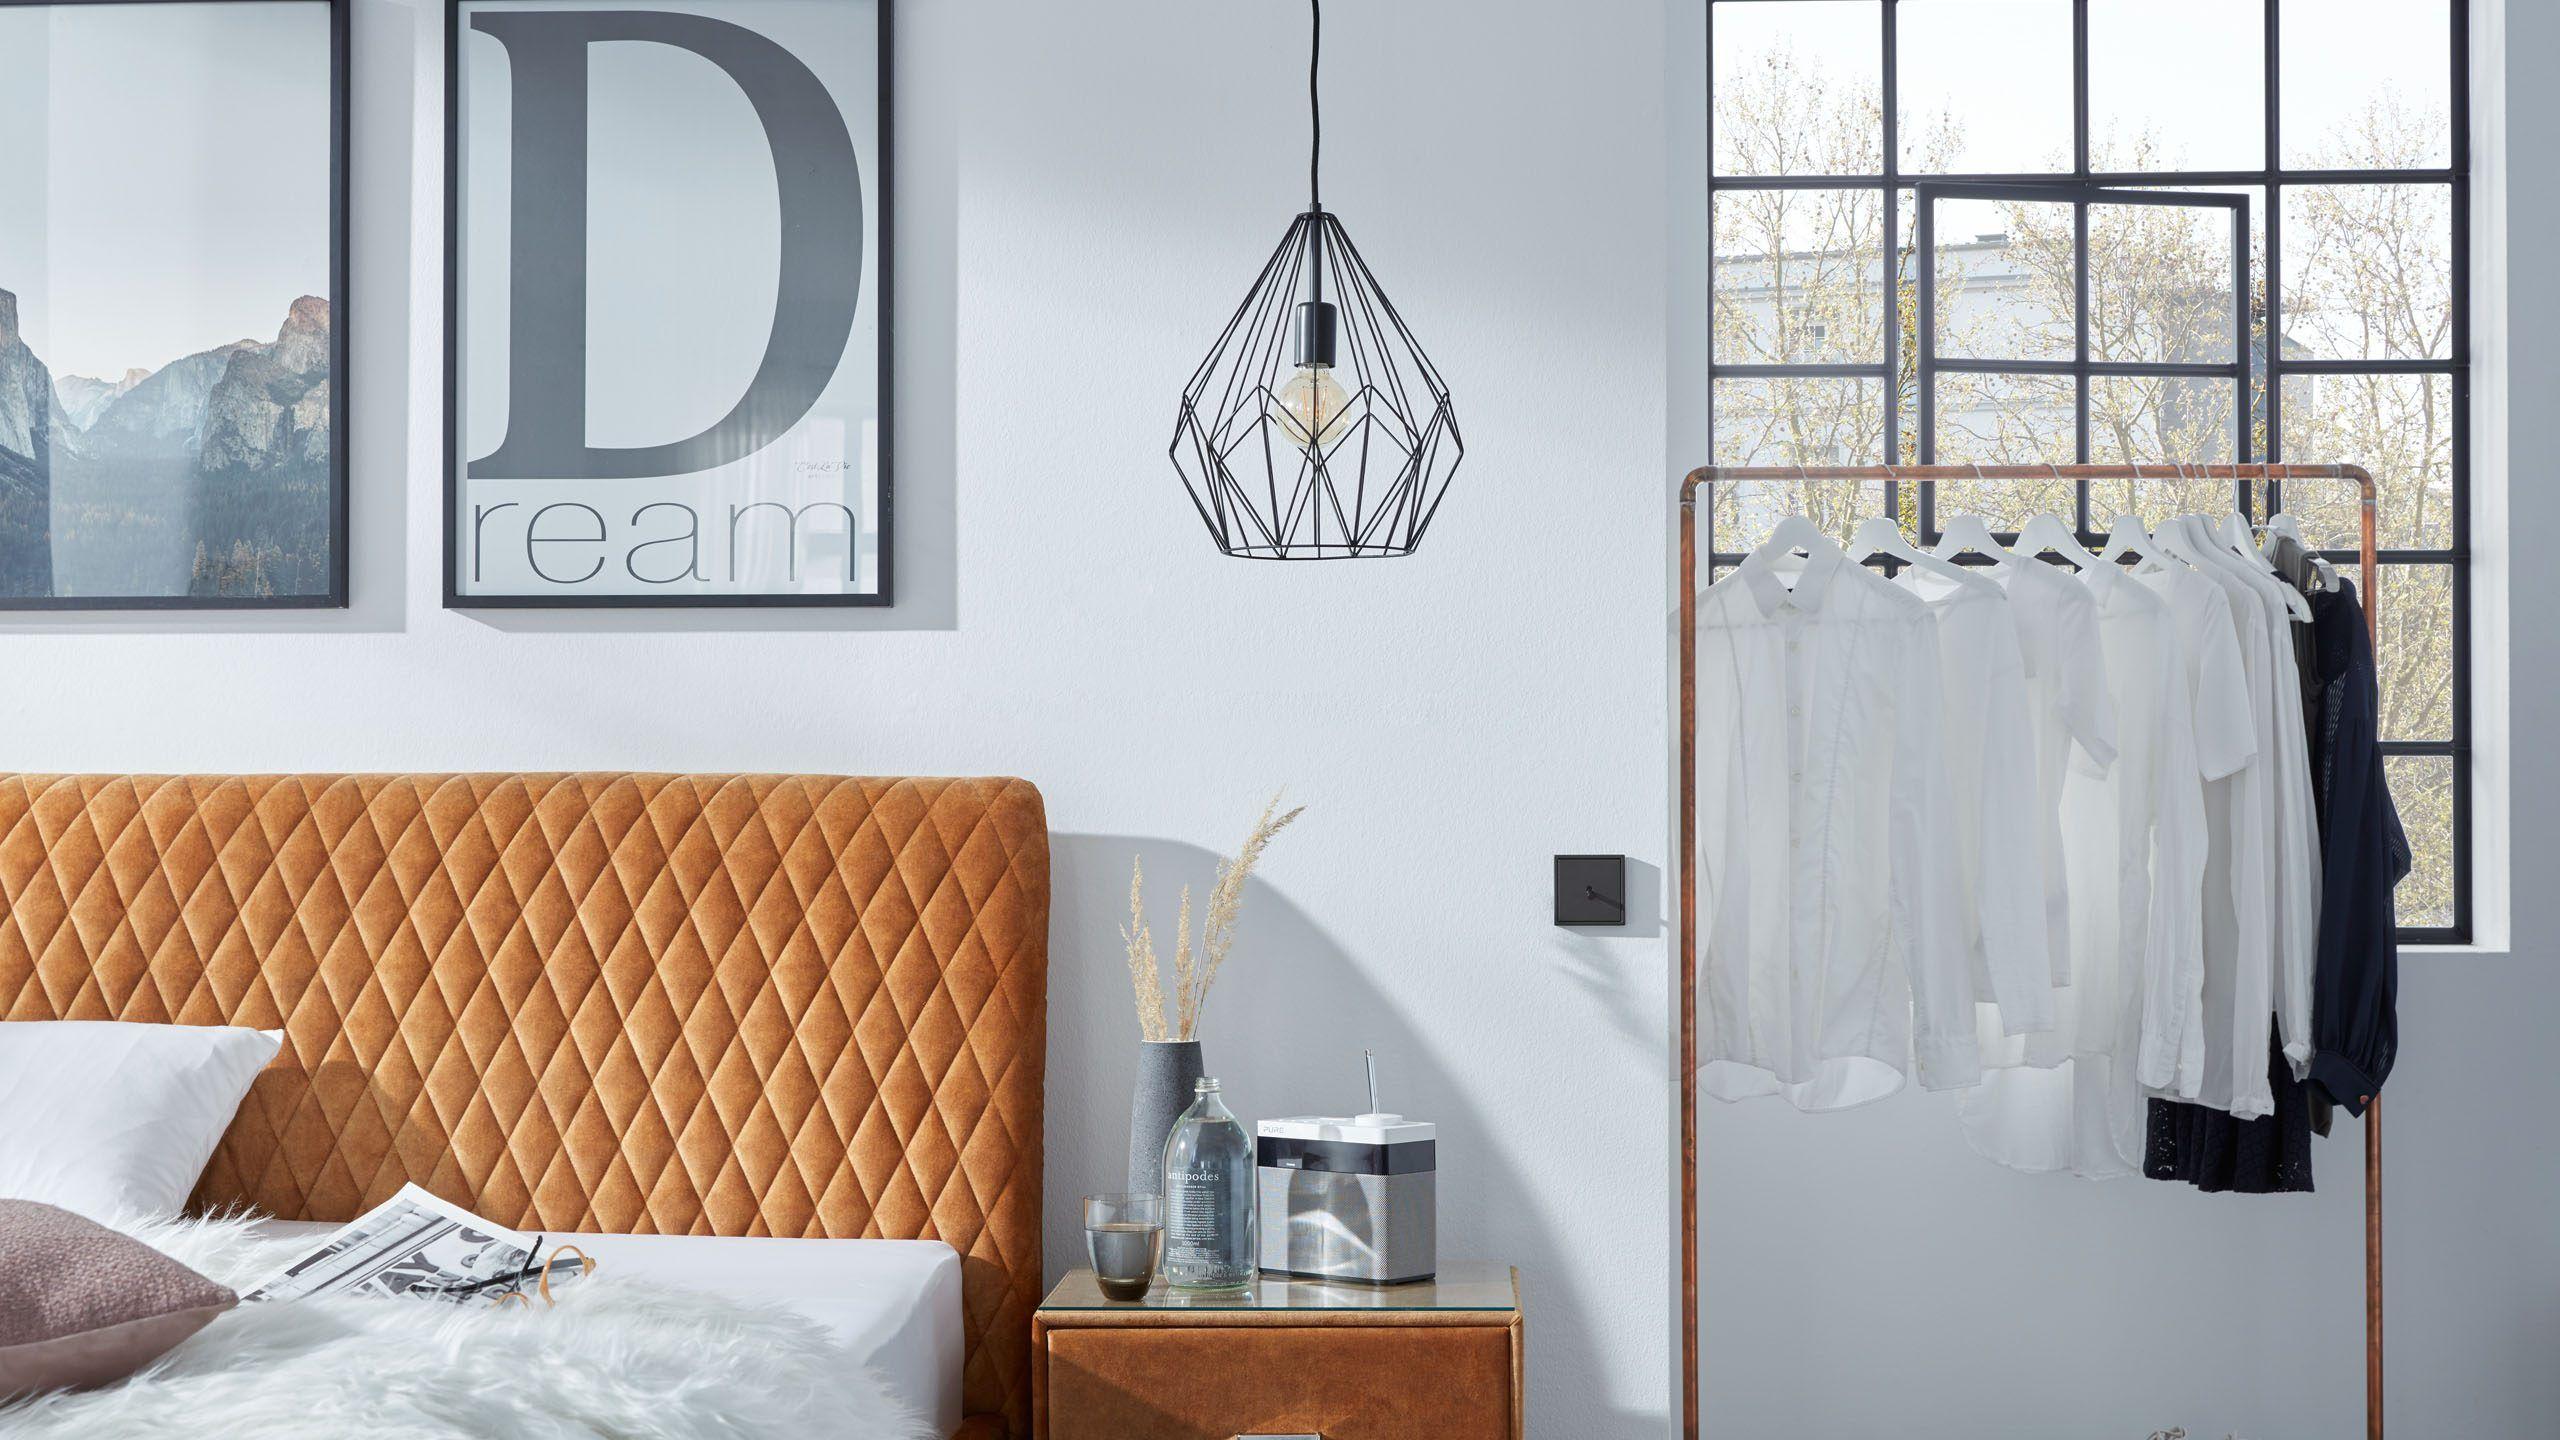 Richtig Luften Im Schlafzimmer Tipps Gegen Schimmel Geruche In 2020 Haus Zimmer Schlafzimmer